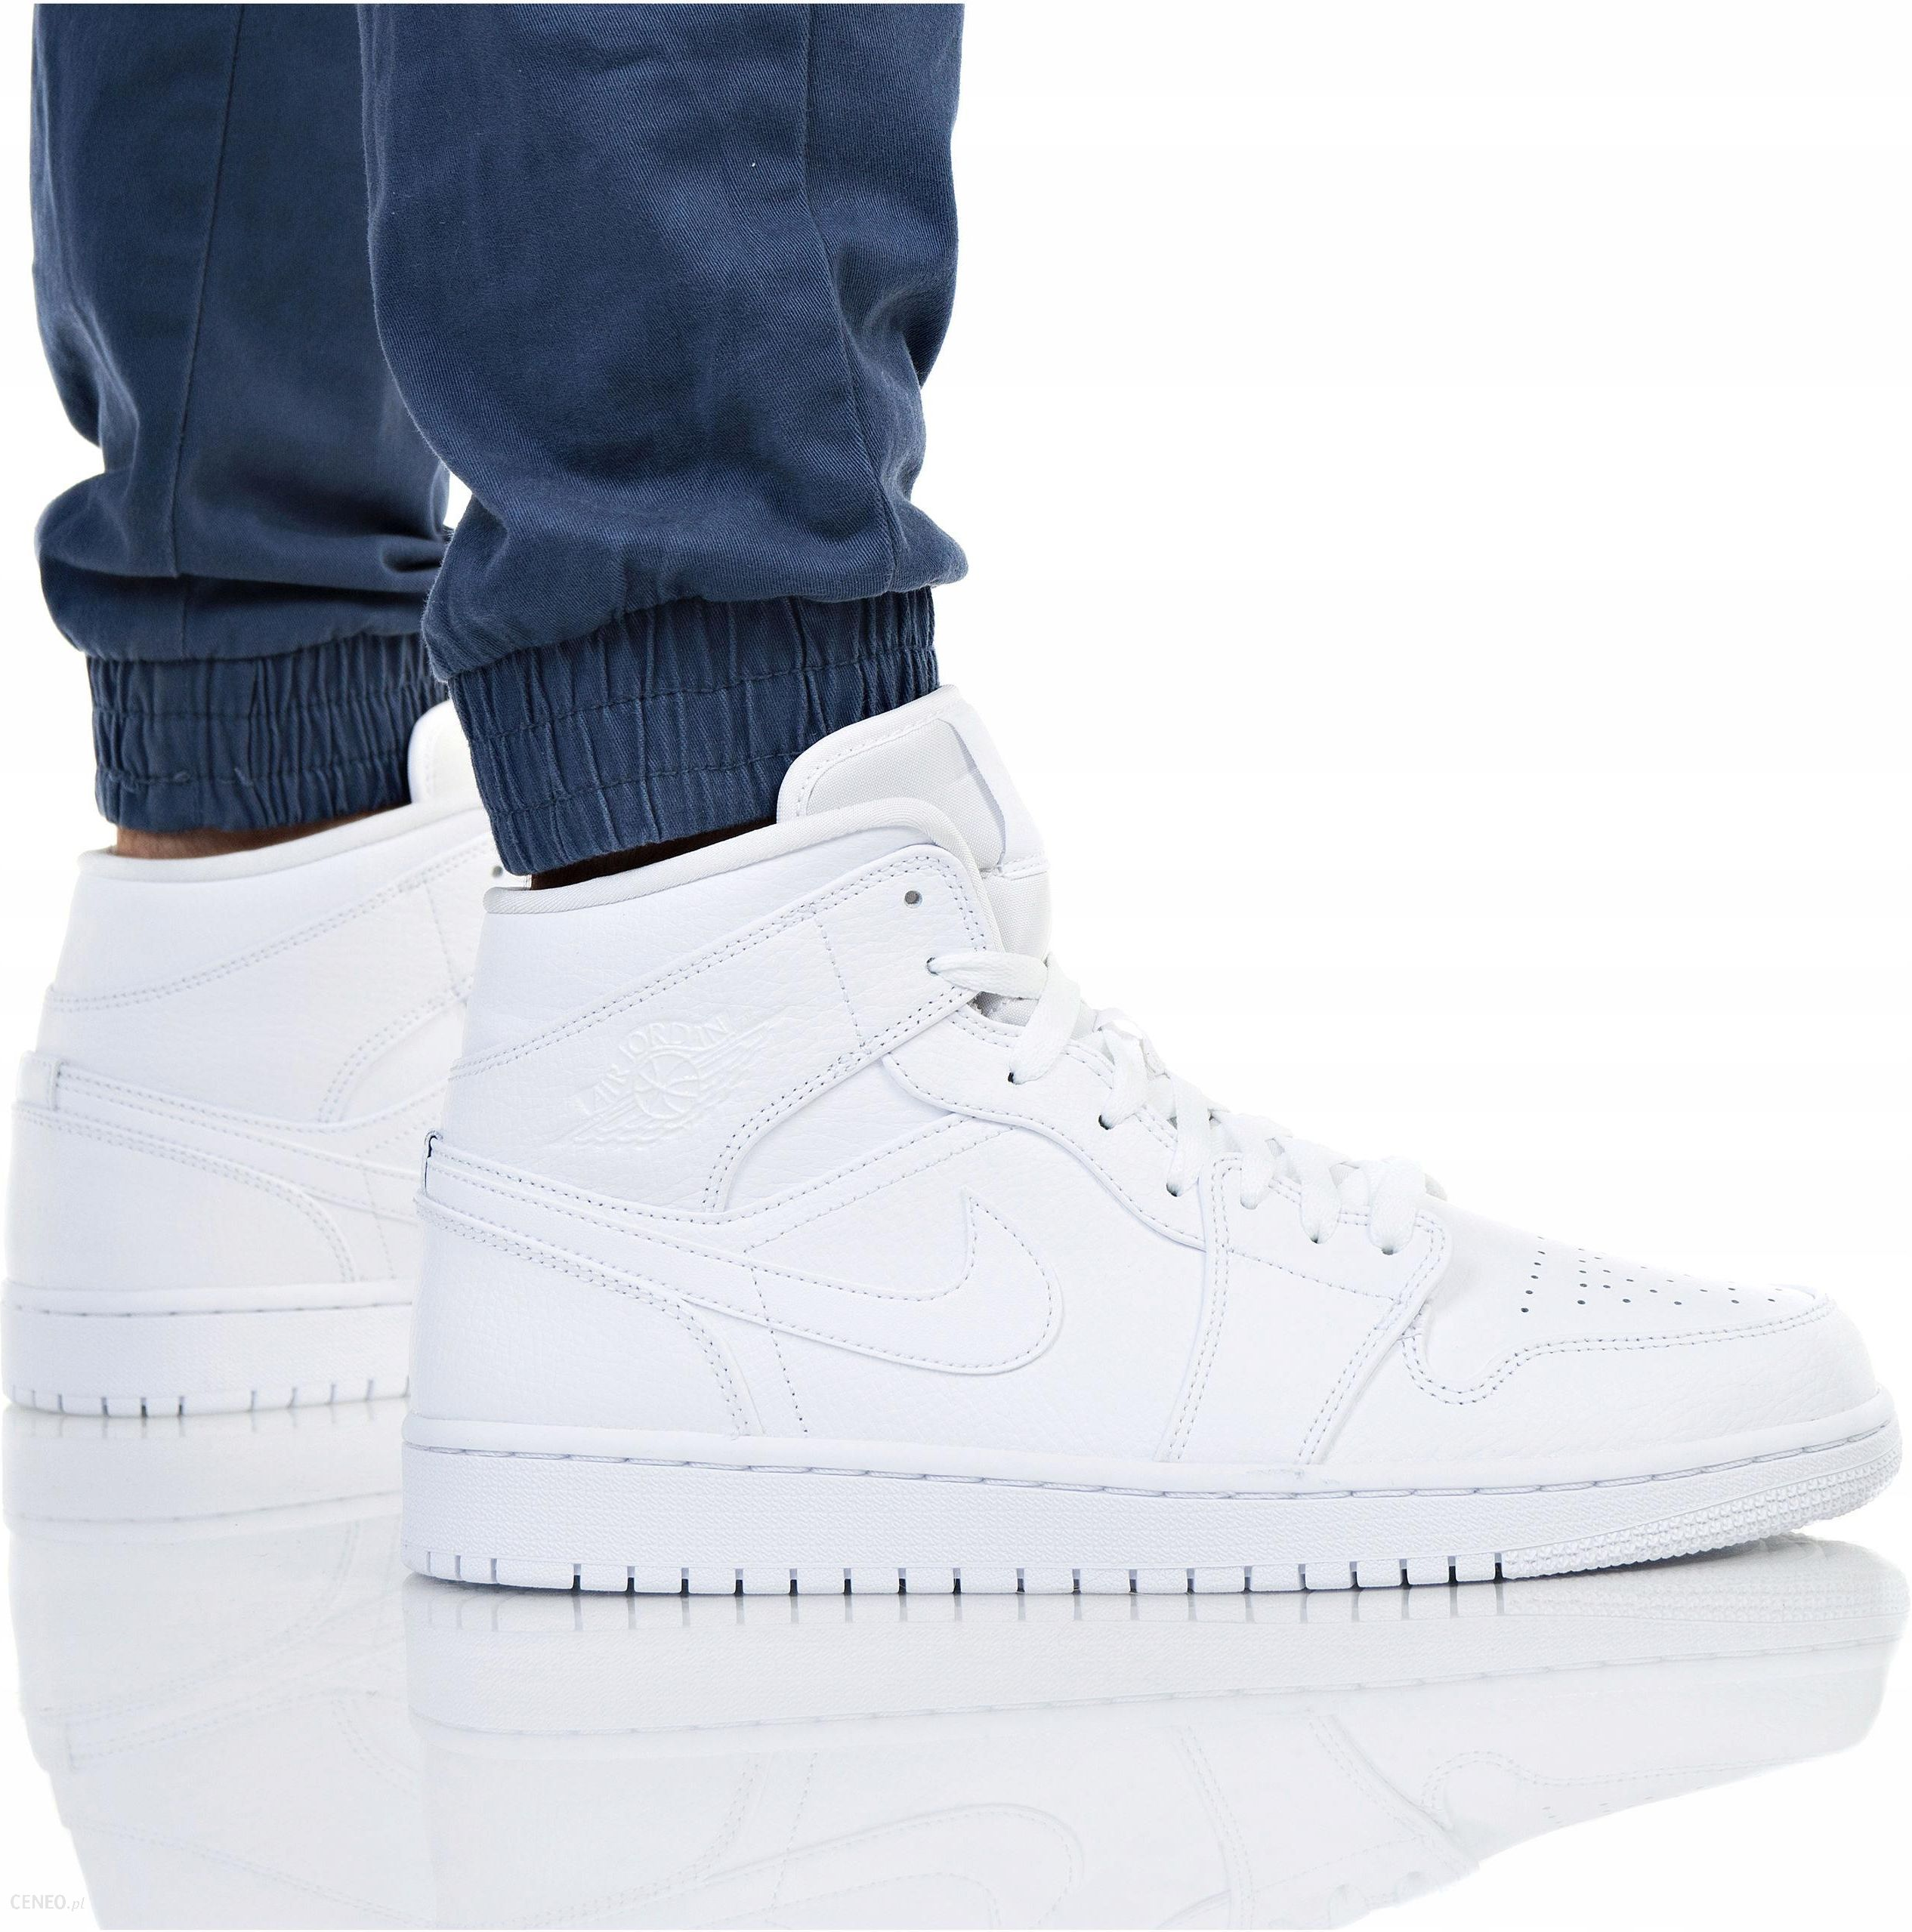 Nike buty męskie Air Jordan1 Mid 554724 129 białe